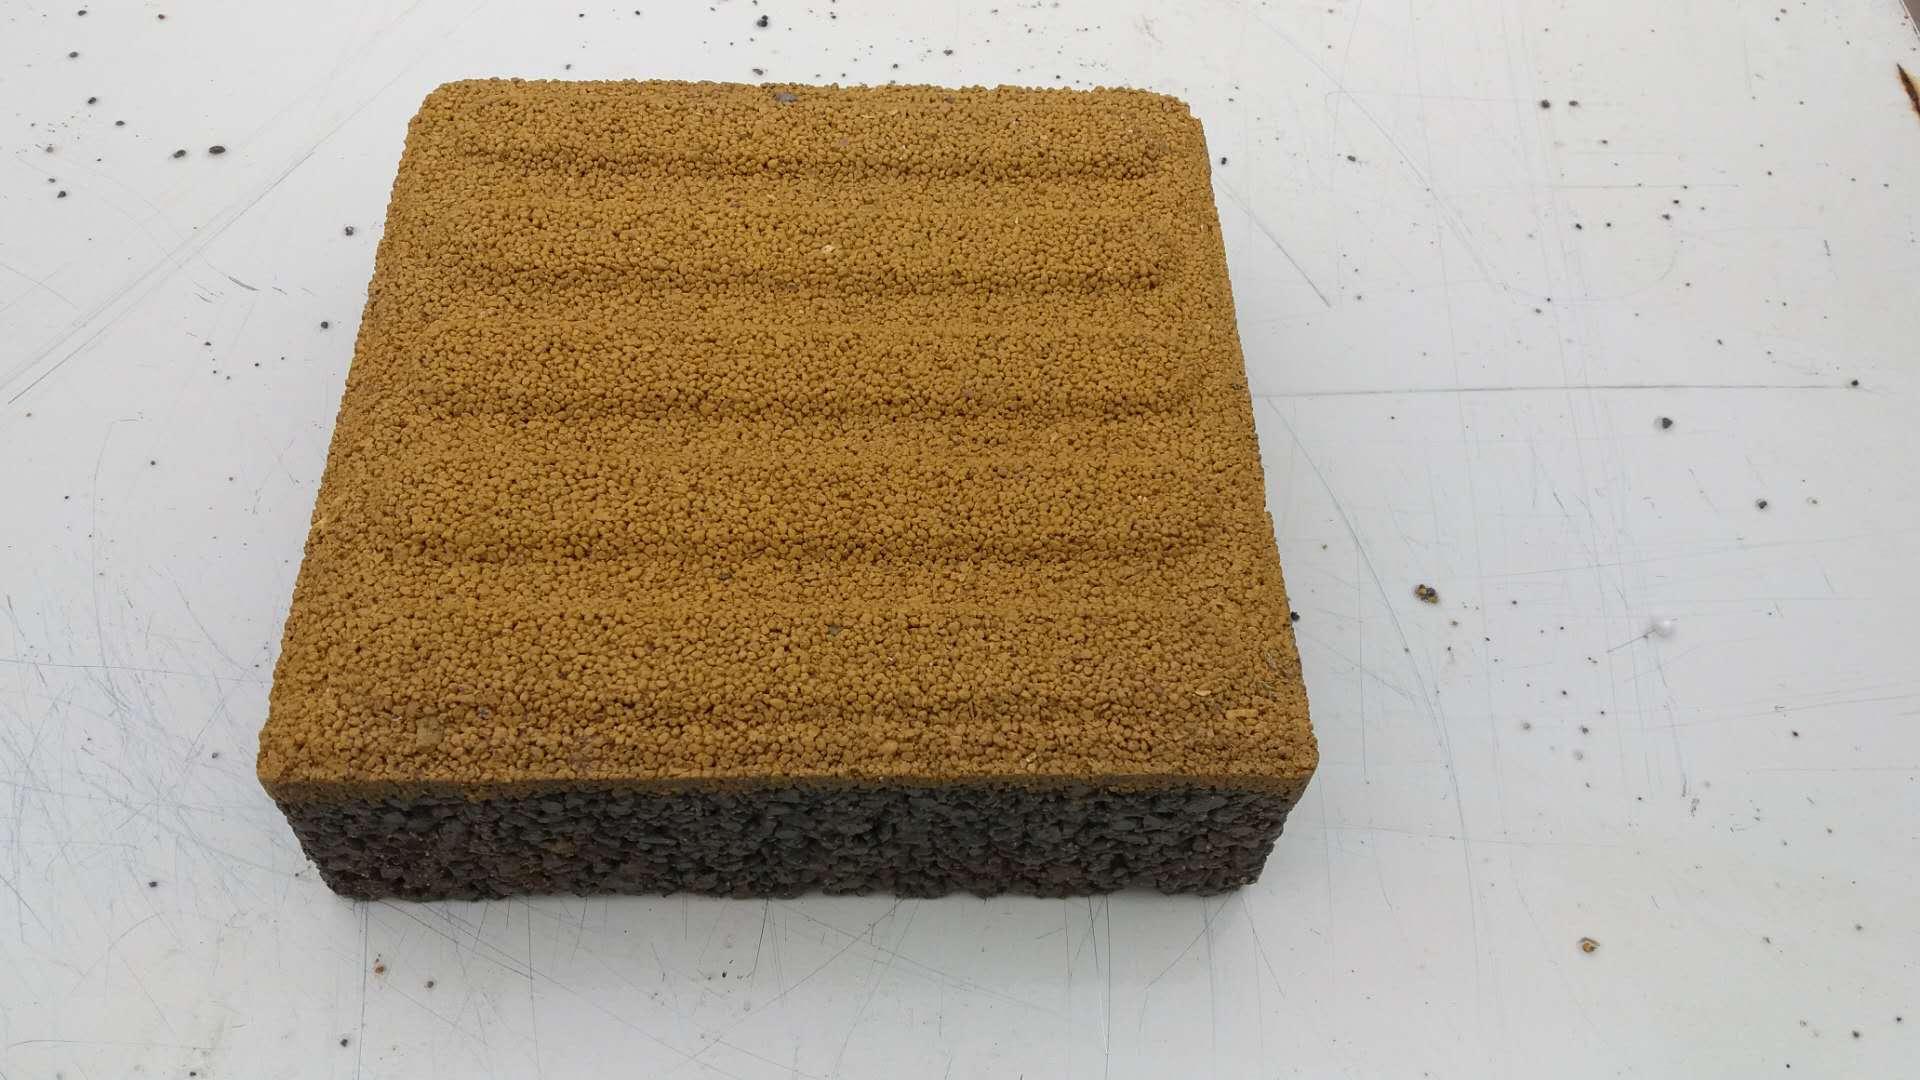 福建透水肓条砖知名厂家-透水肓点砖品牌